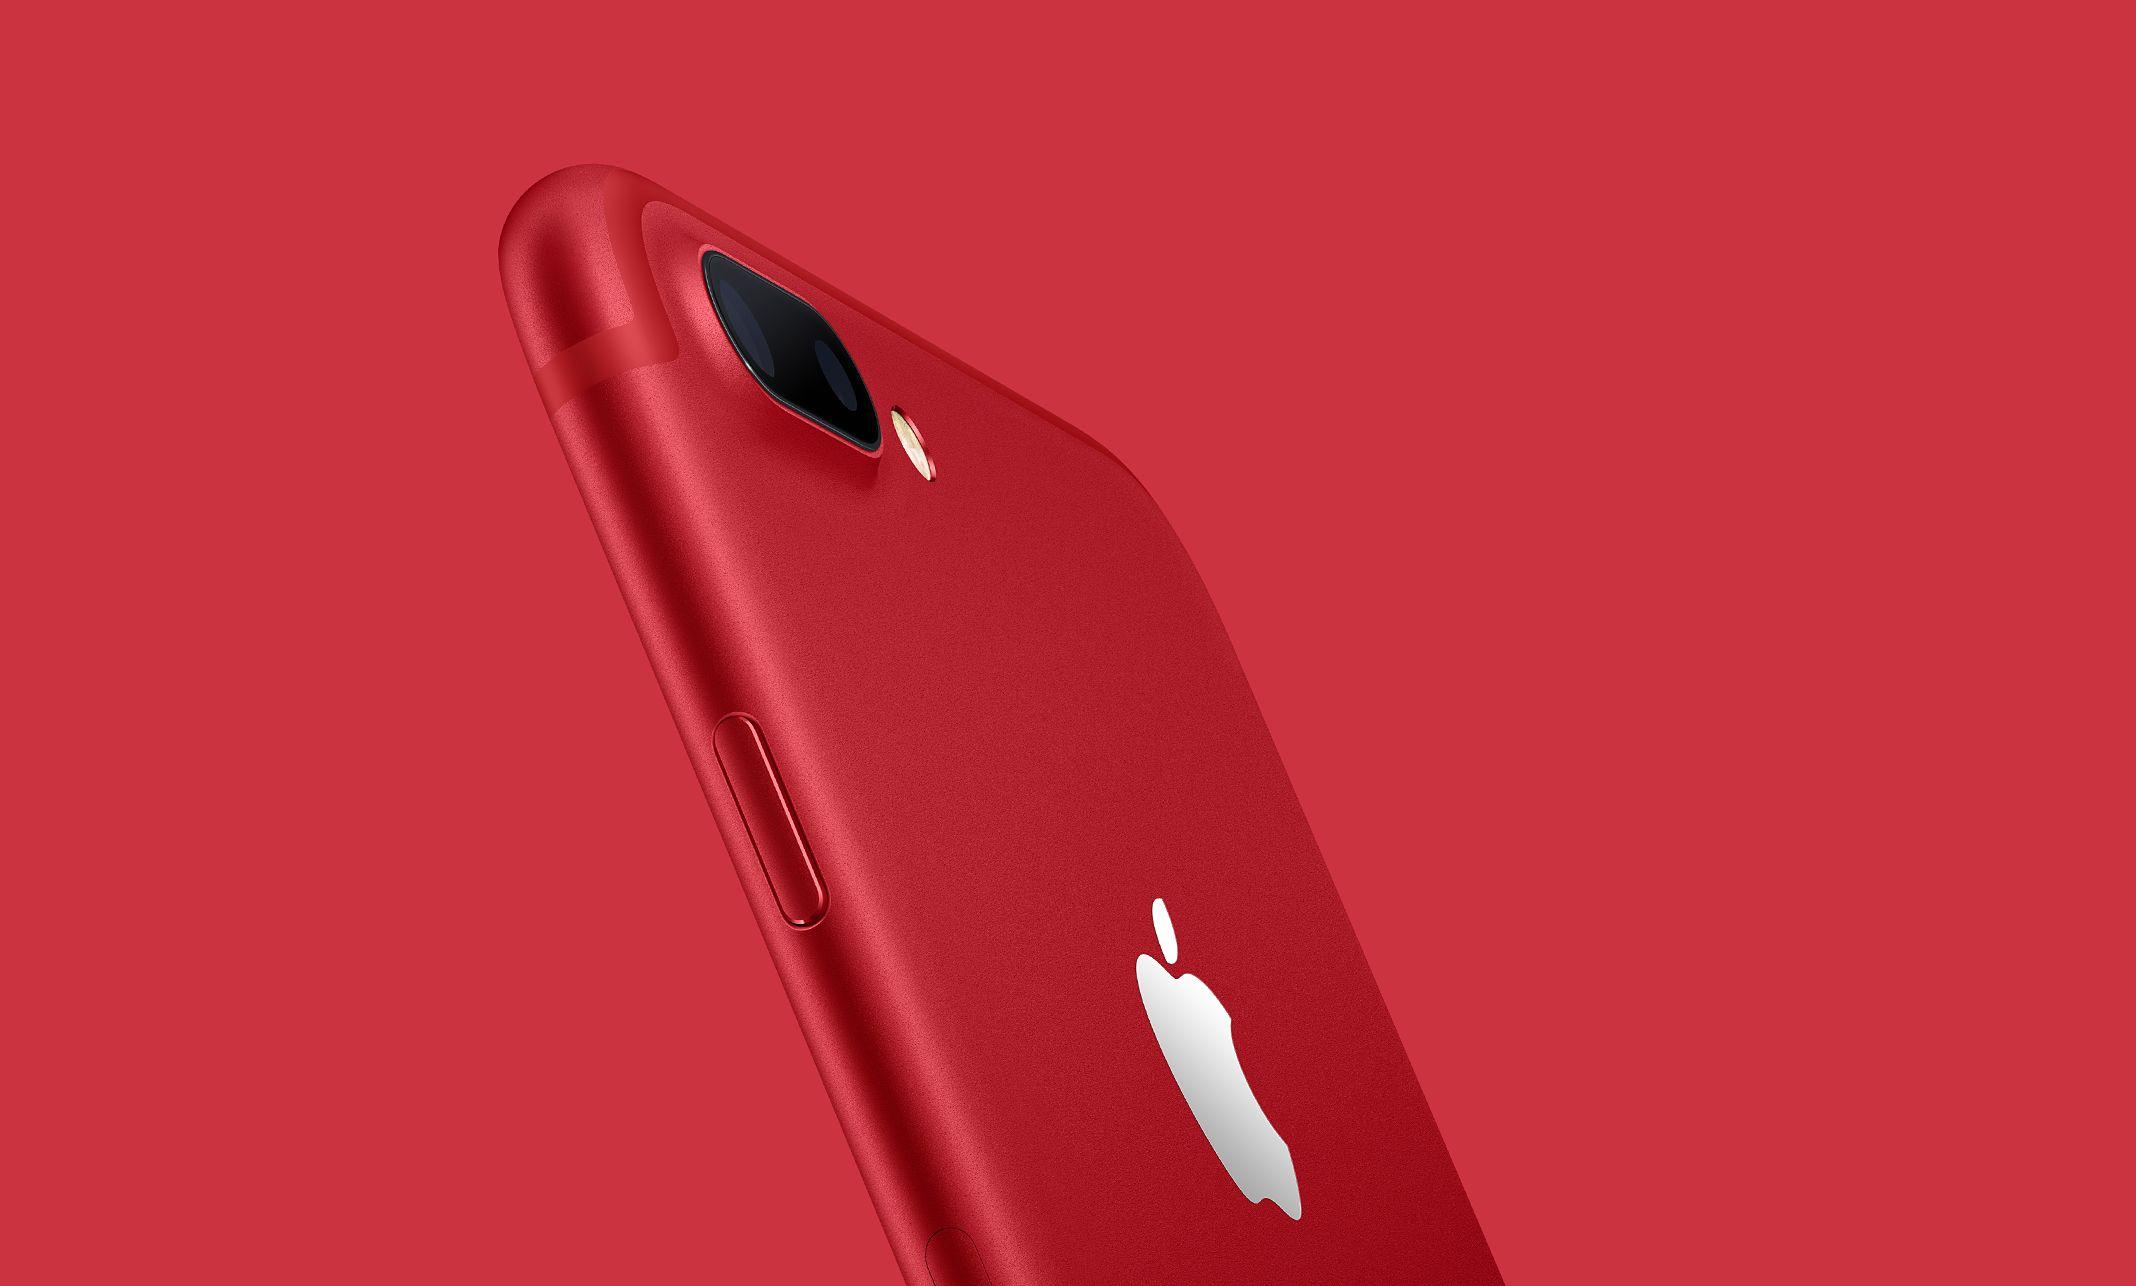 3キャリア、iPhone 7 (PRODUCT) RED Special Editionを3月25日午前10時から発売